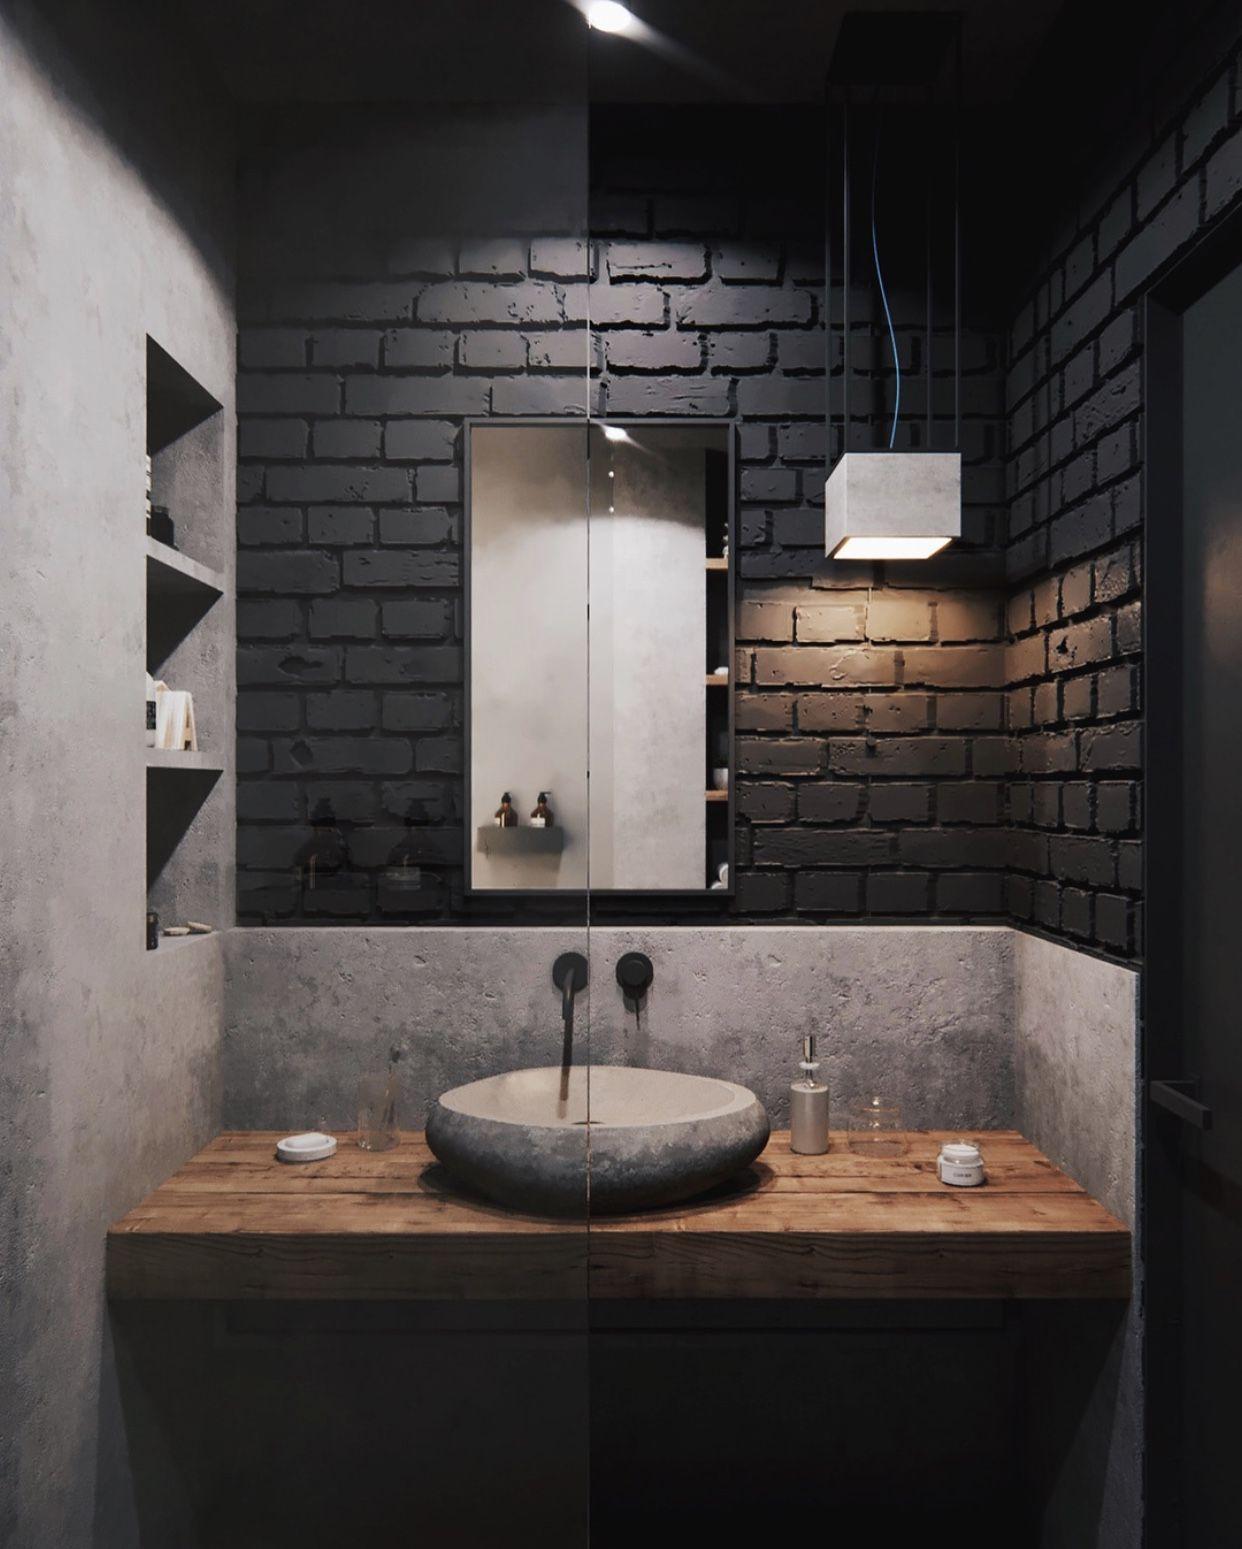 Pin Von Carina Stevens Auf R A U M Badezimmer Design Badezimmer Renovieren Badezimmer Dekor